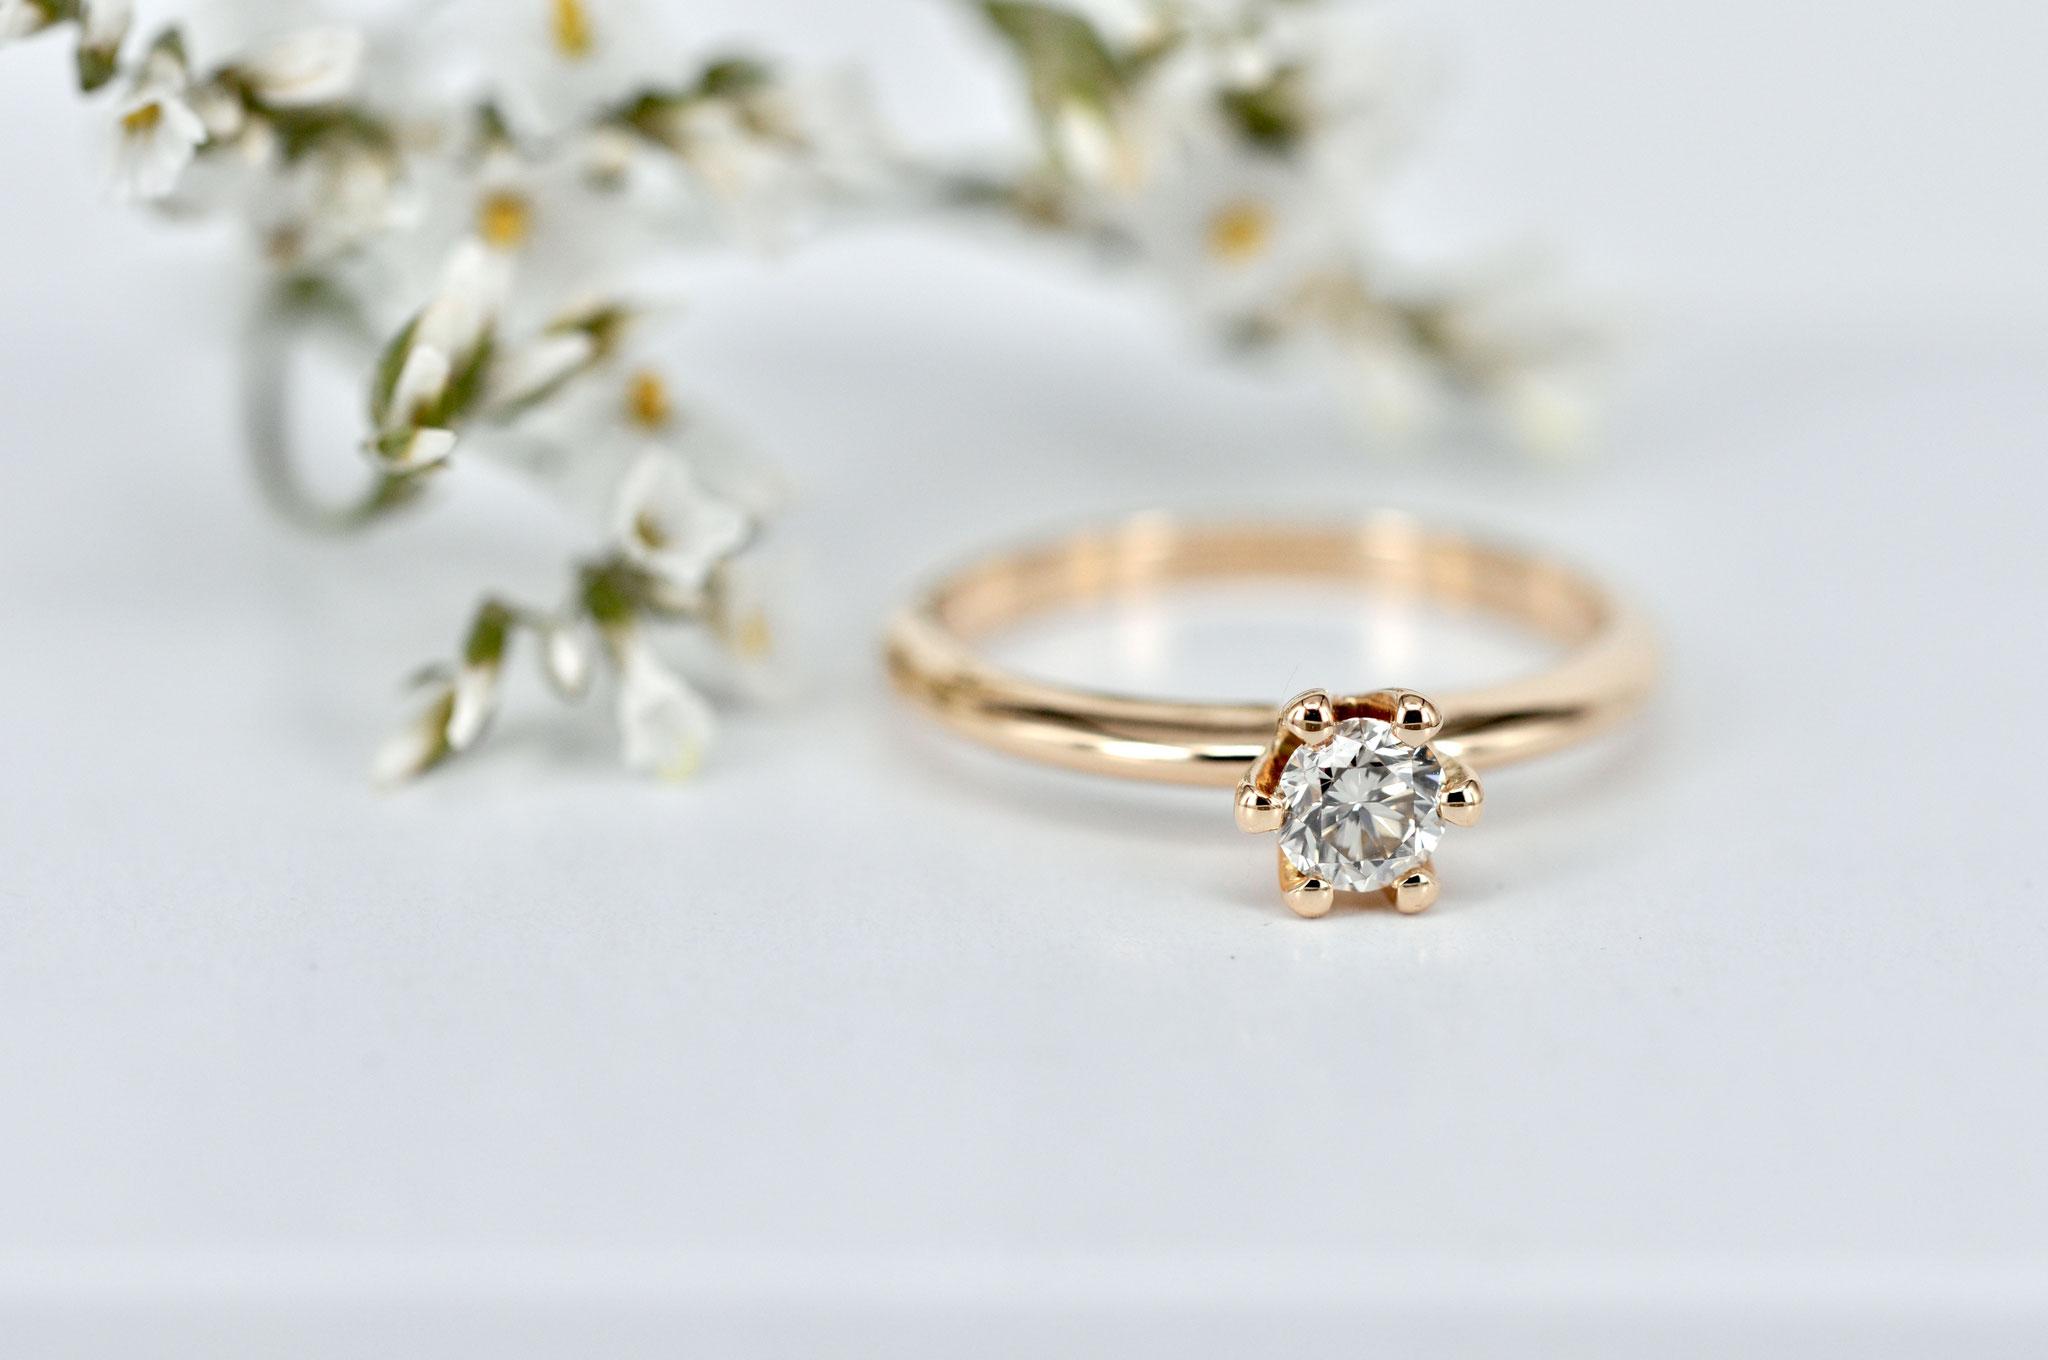 nachhaltig produzierter Verlobungsring